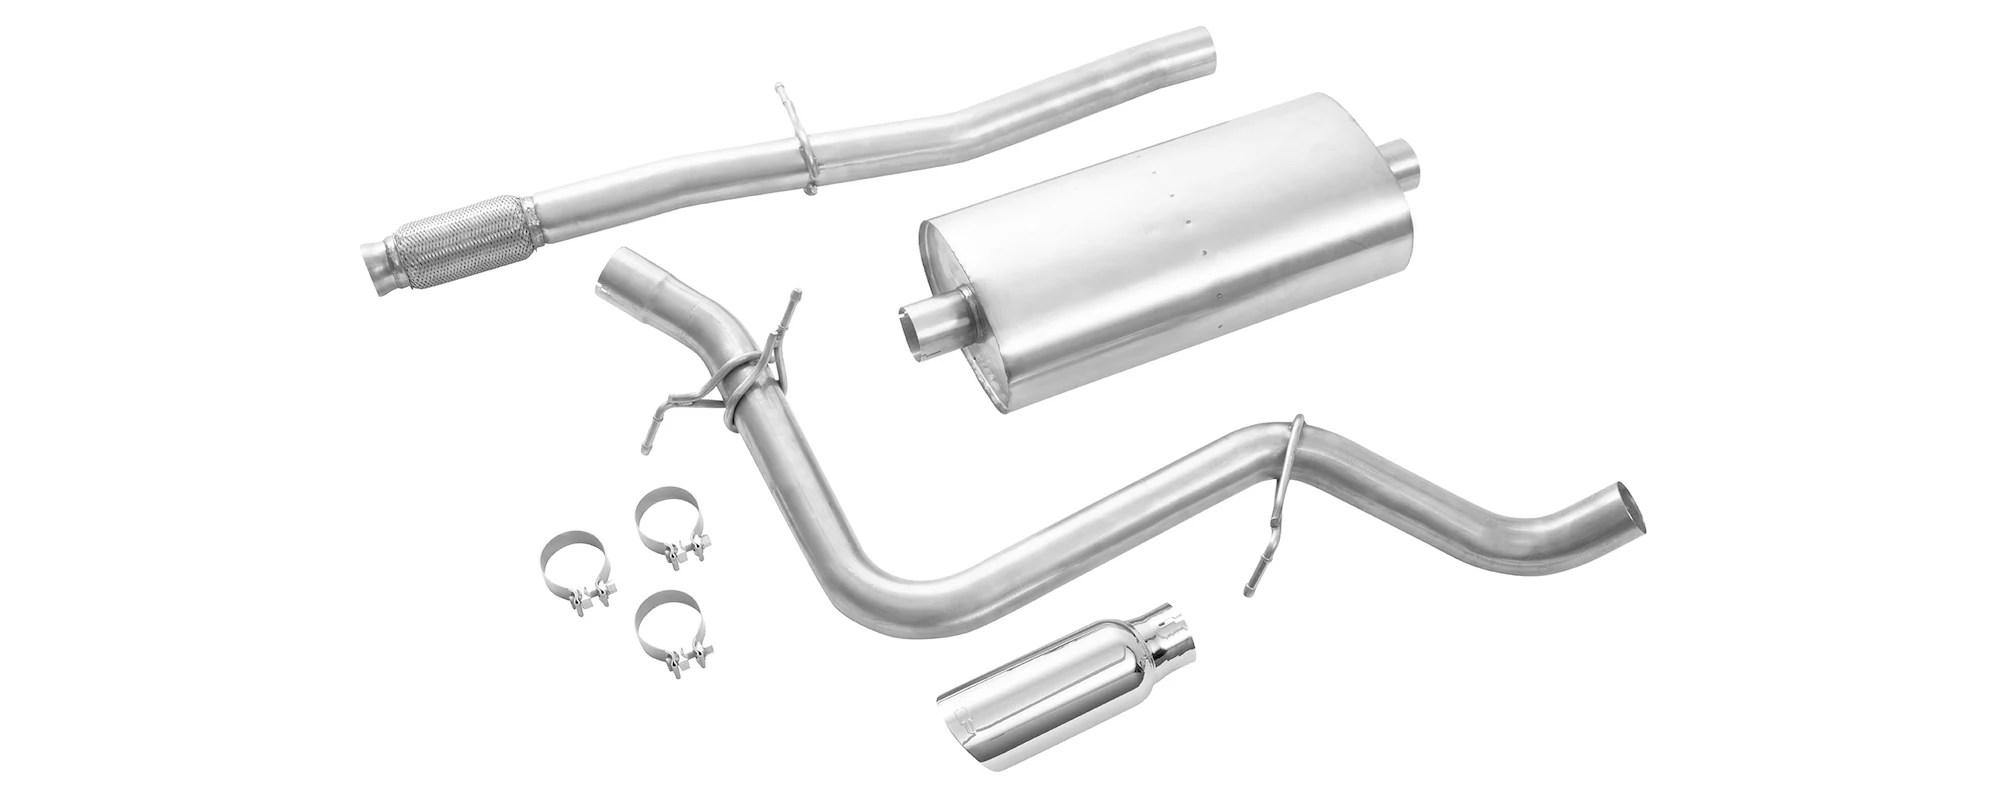 silverado 1500 exhaust performance